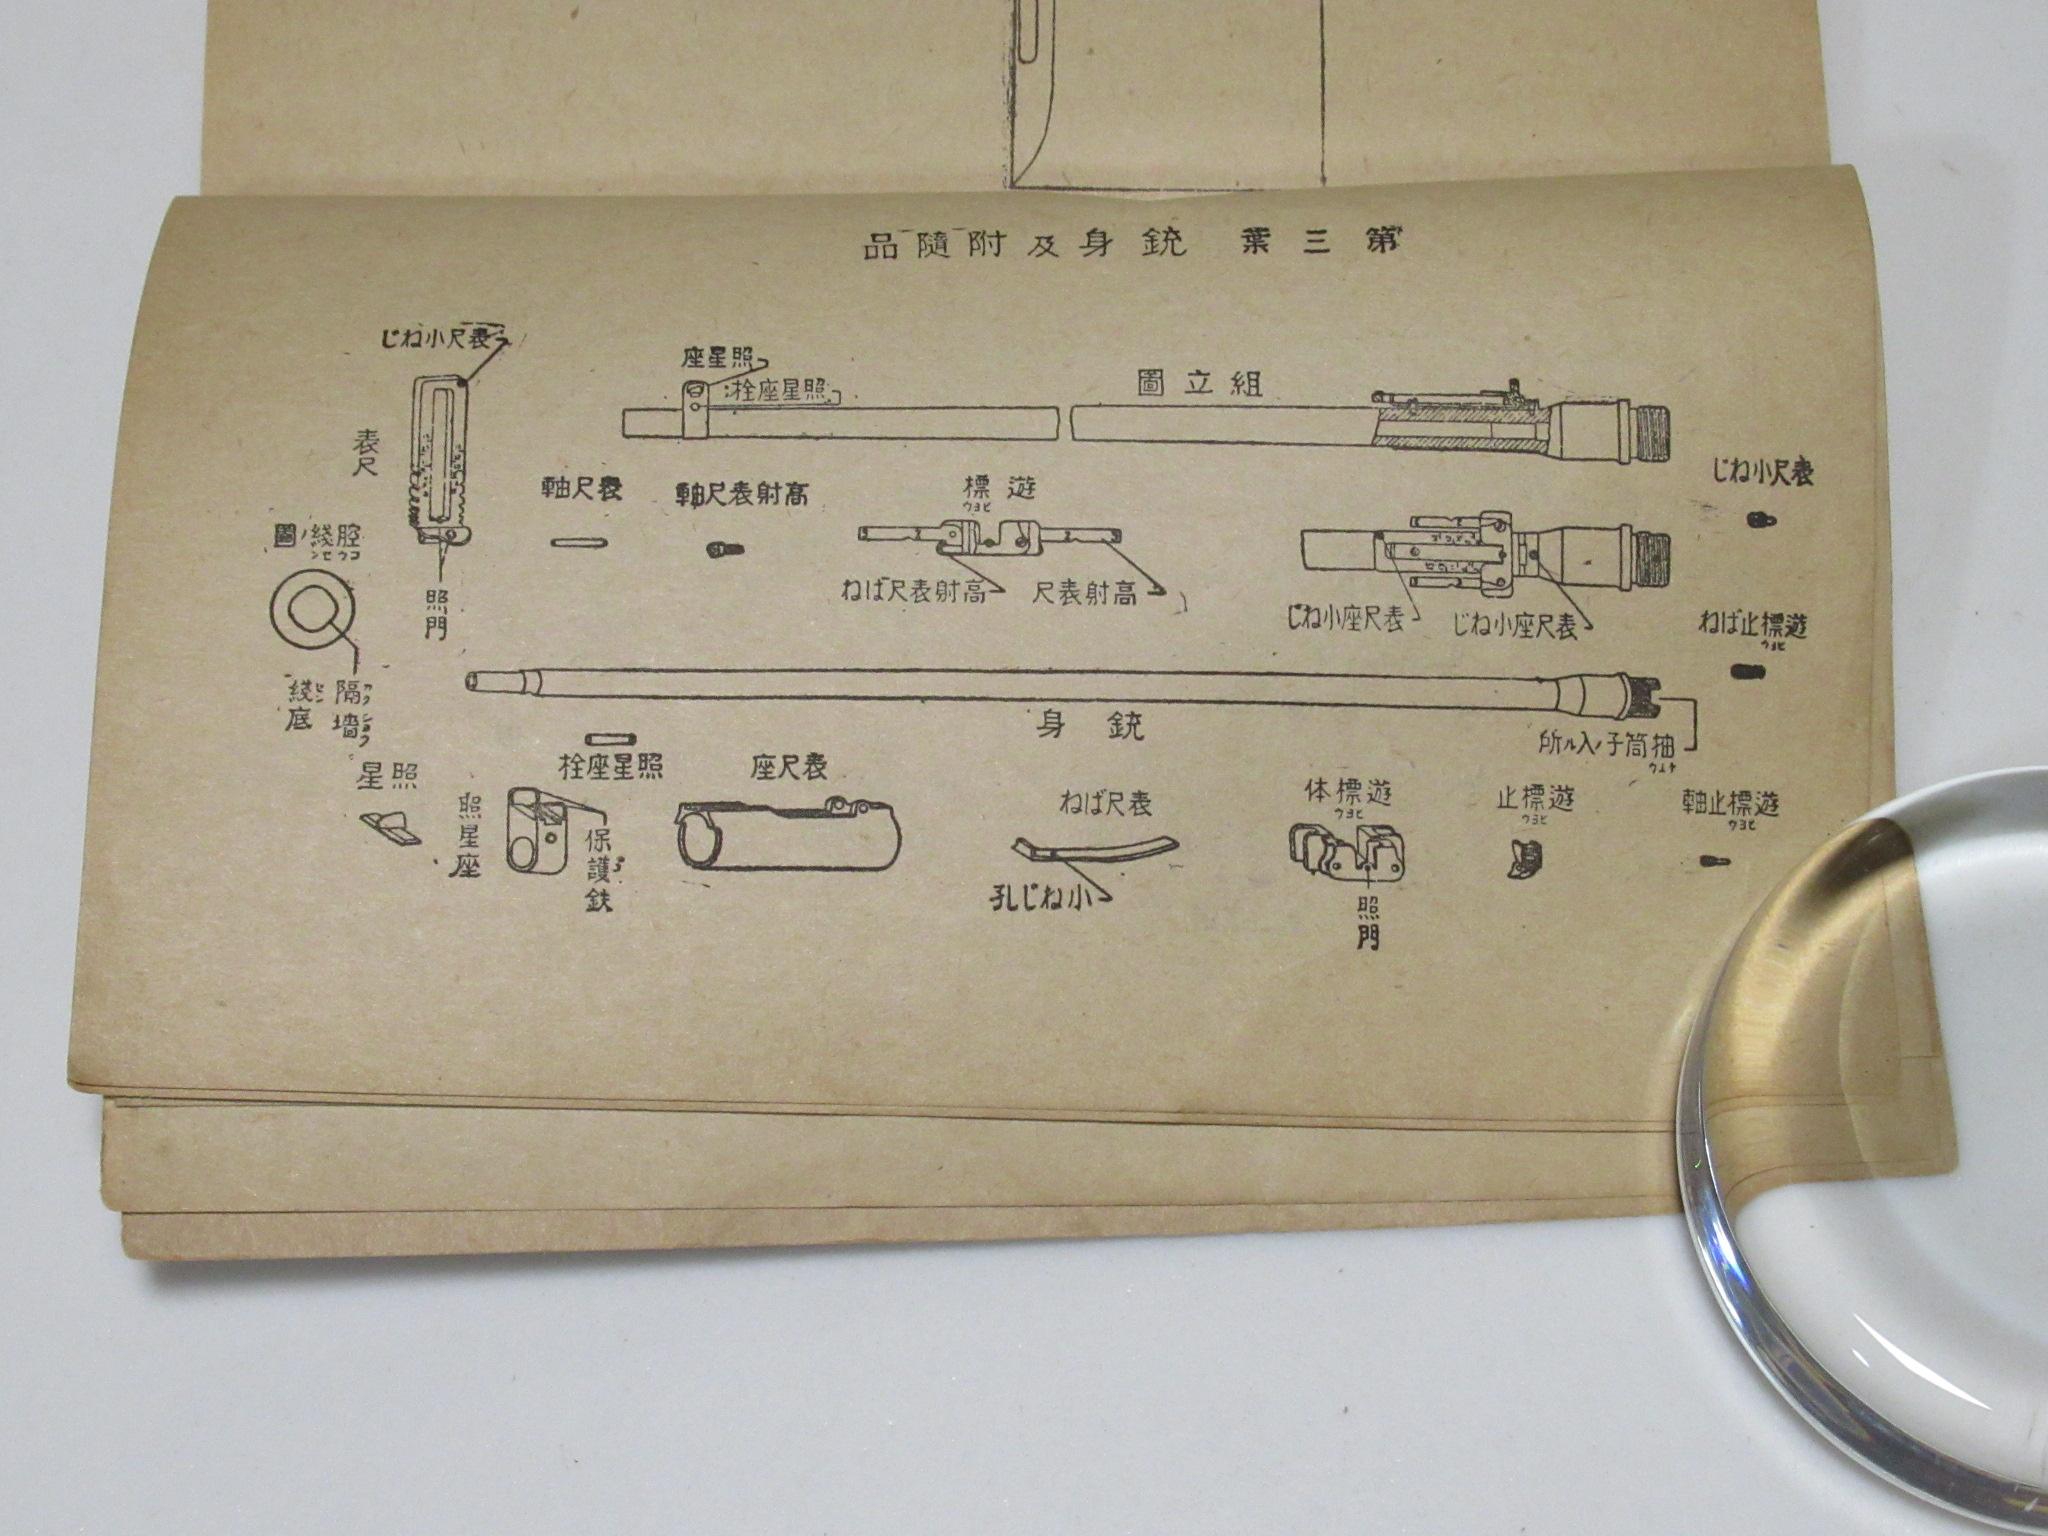 九九式小銃及短小銃取扱法 Type 99 rifle